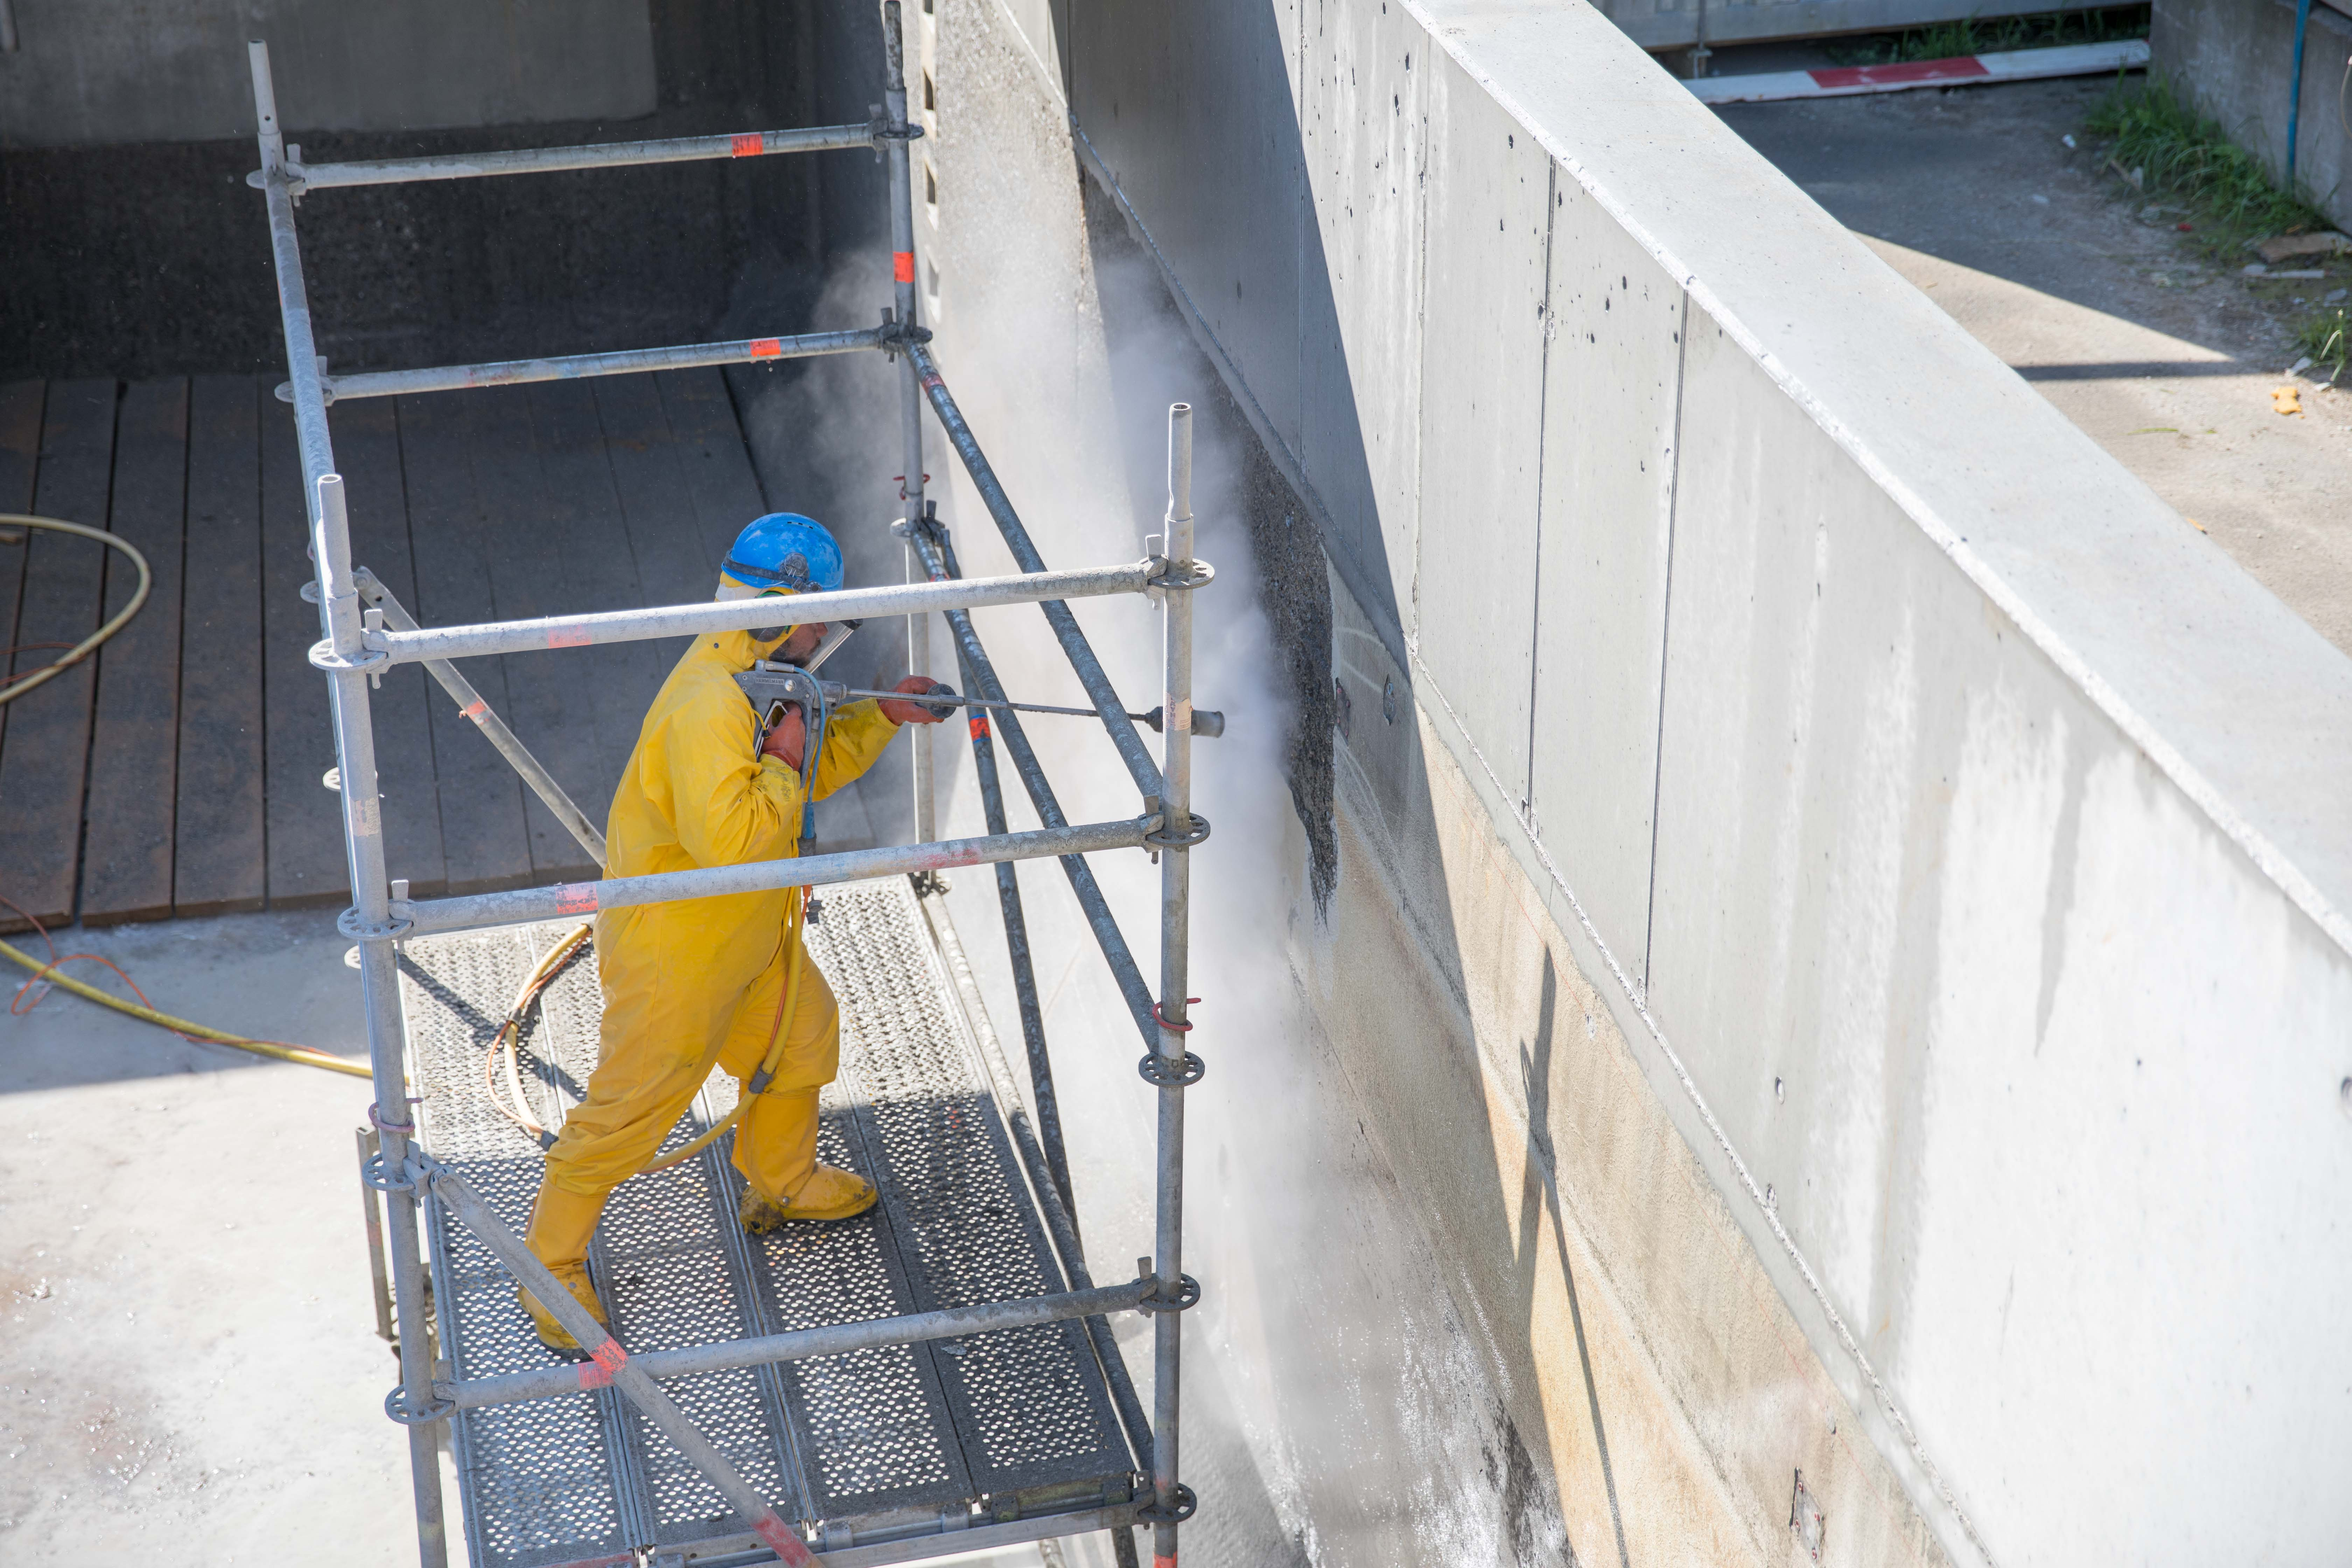 Oberflächenbearbeitung an Bauten und Industrieanlagen, wir bieten die passende Lösung für die Vorbereitung einer Applikation.